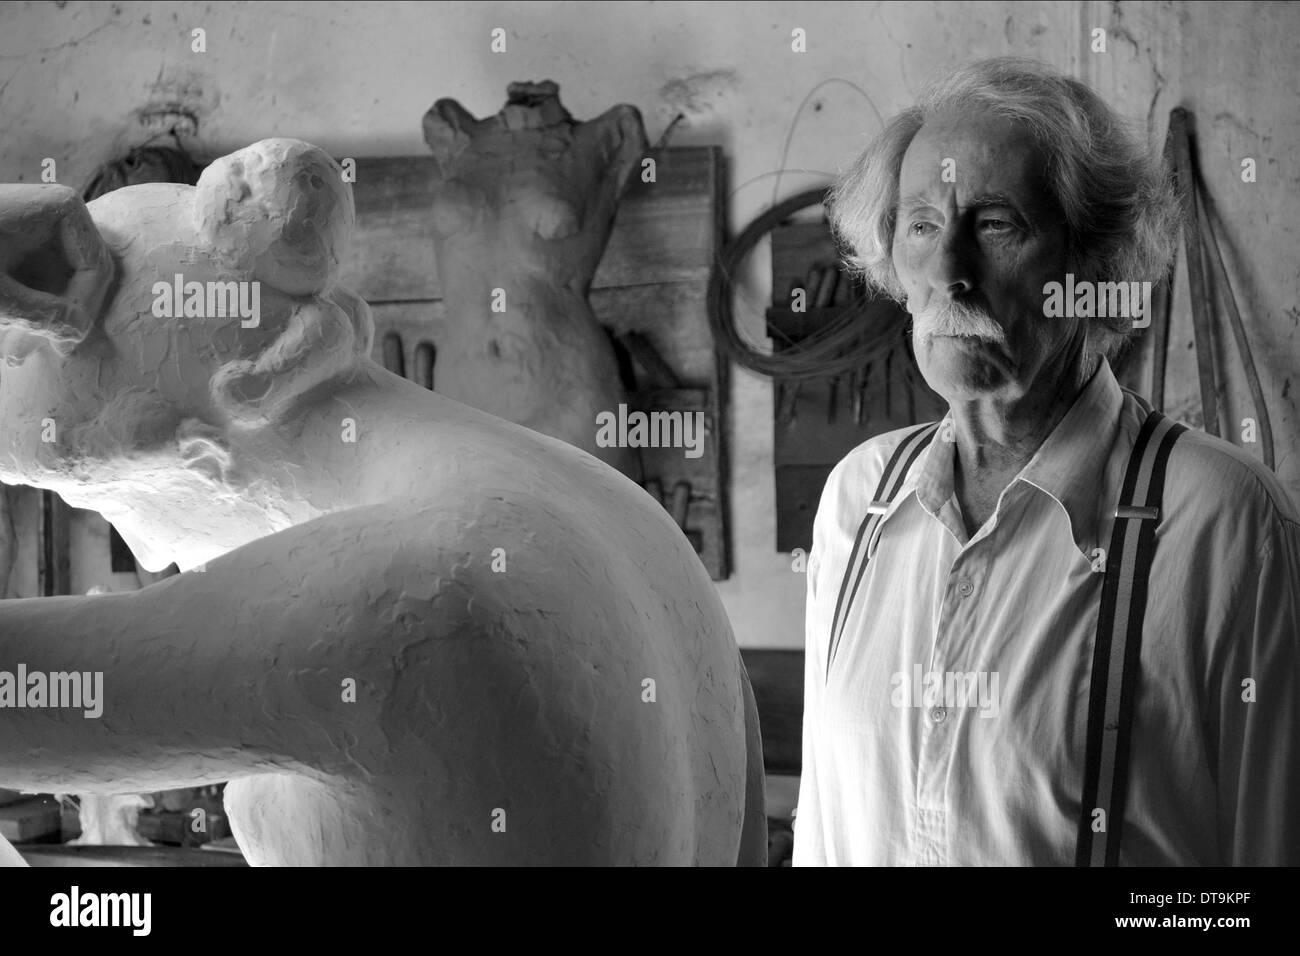 JEAN ROCHEFORT l artista e il modello; EL ARTISTA Y LA MODELO (2012) Immagini Stock